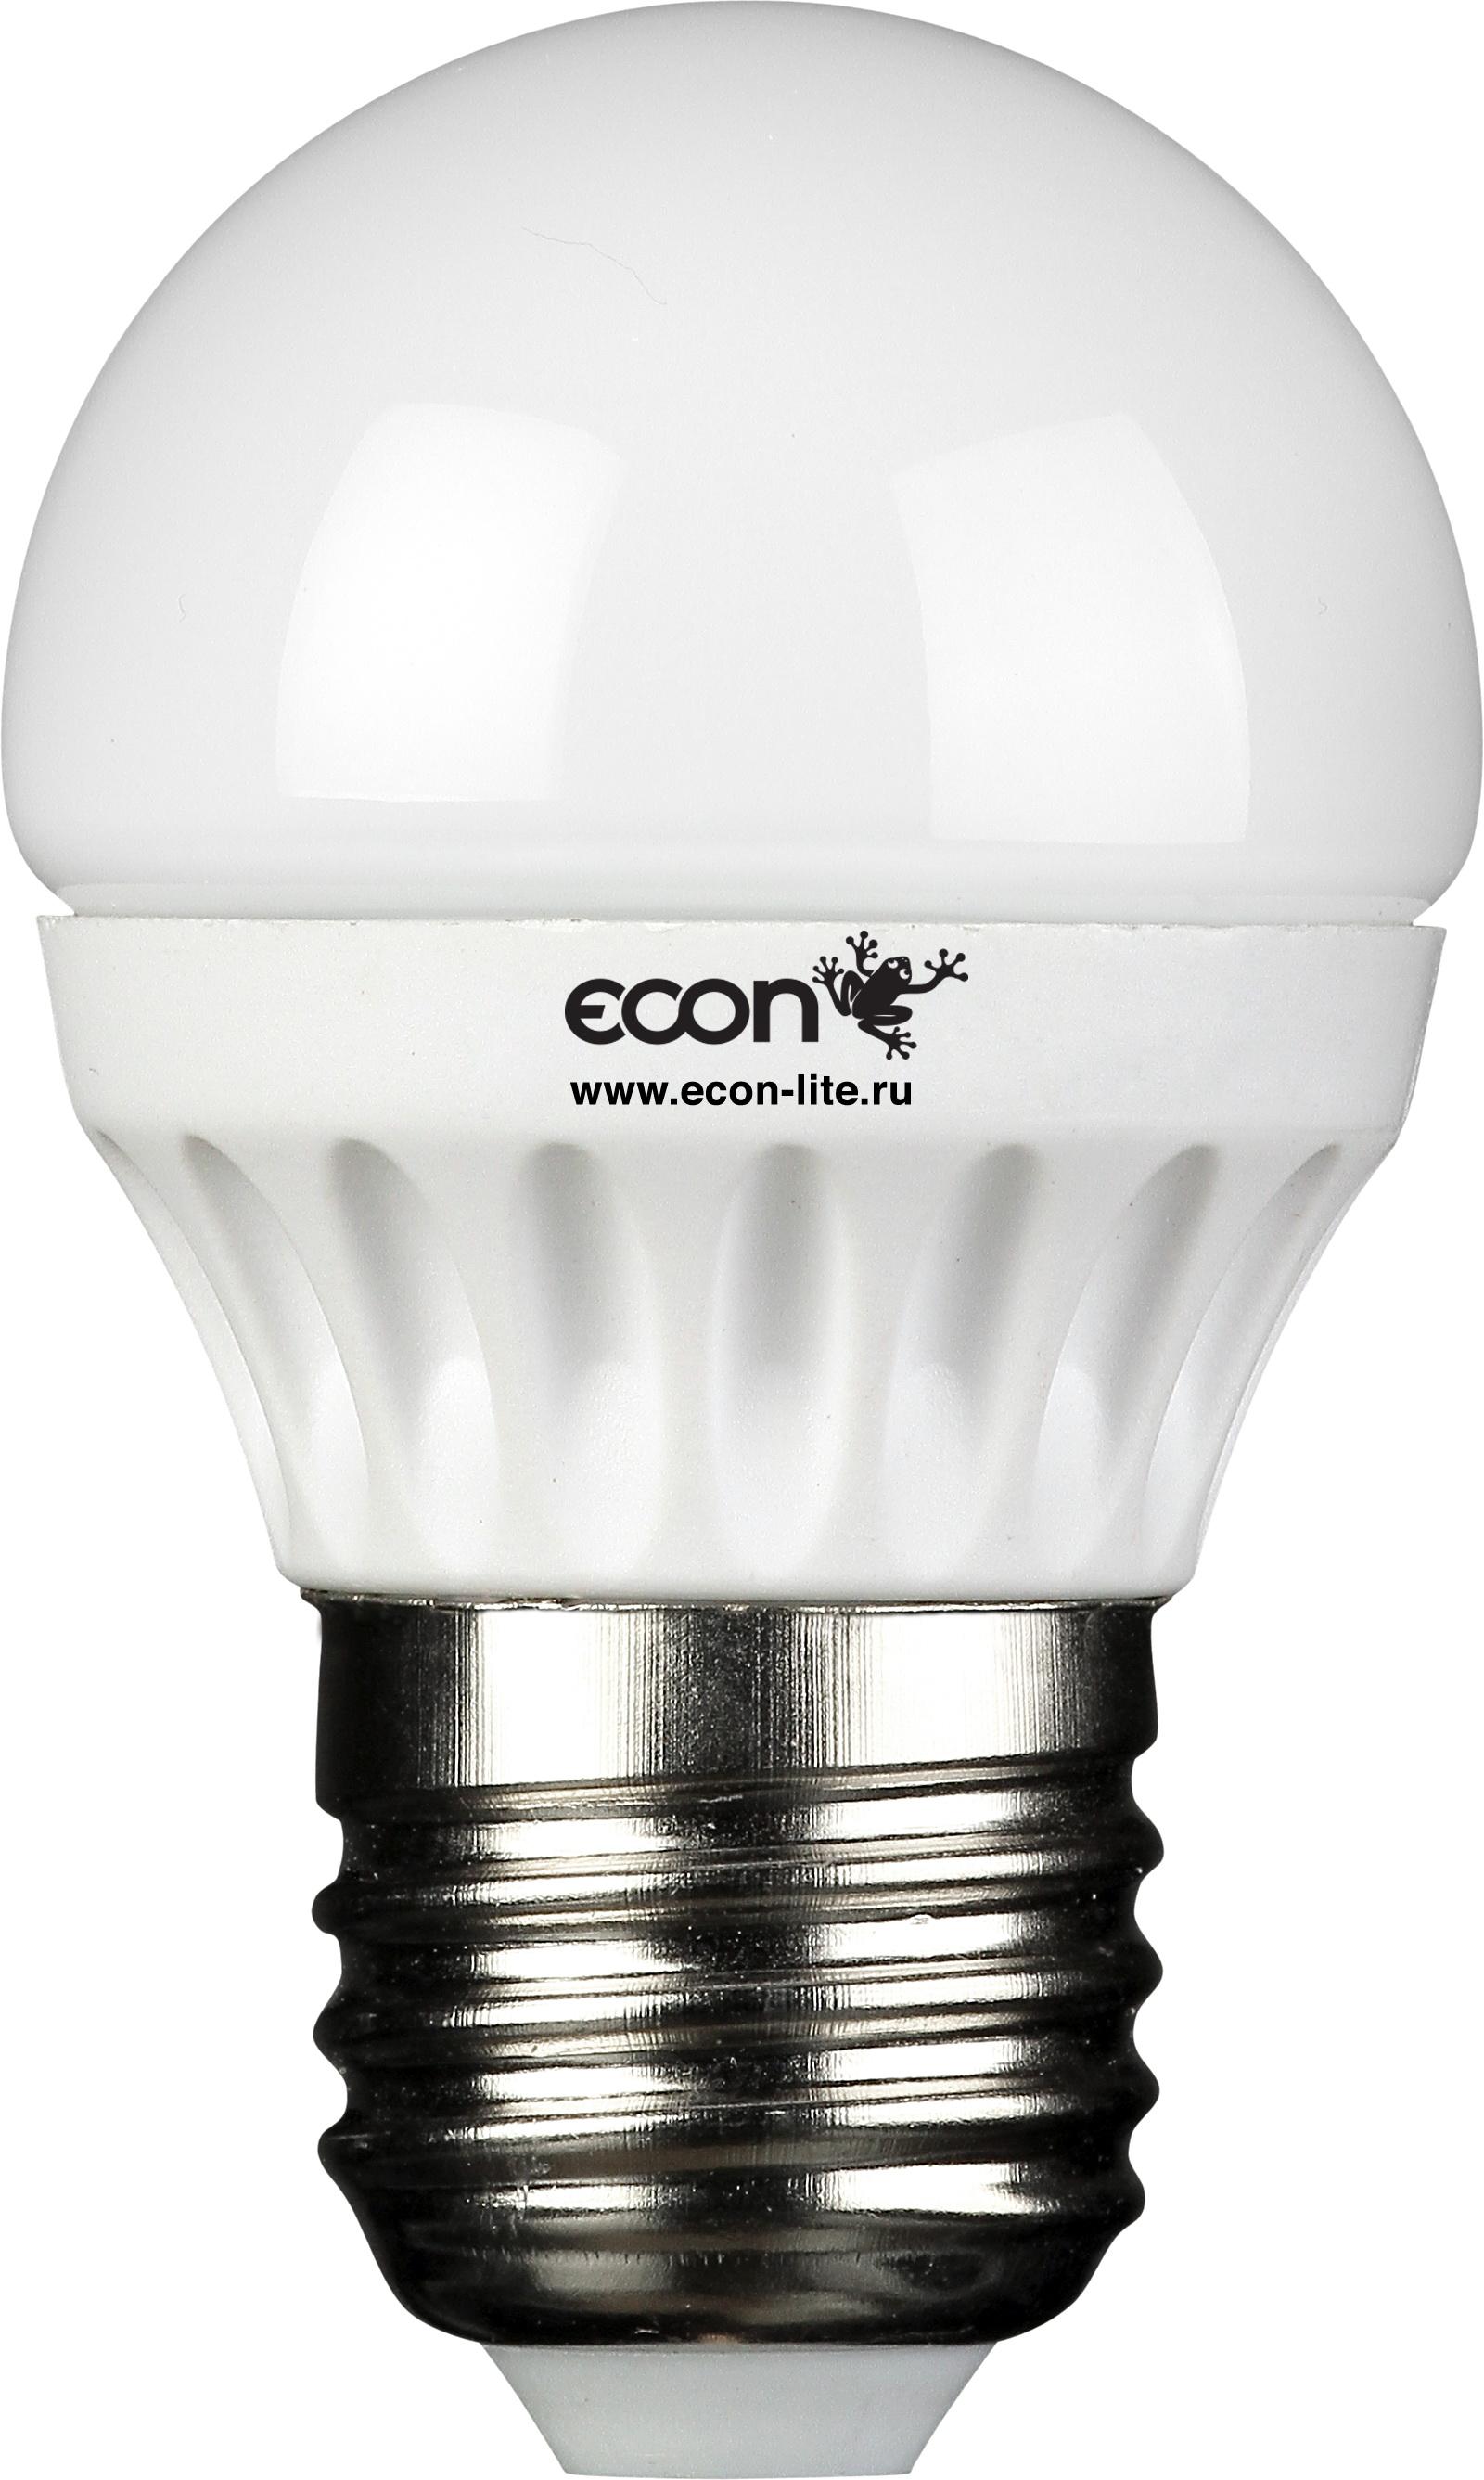 Купить Лампа светодиодная Econ Led p 5Вт e27 3000k p45